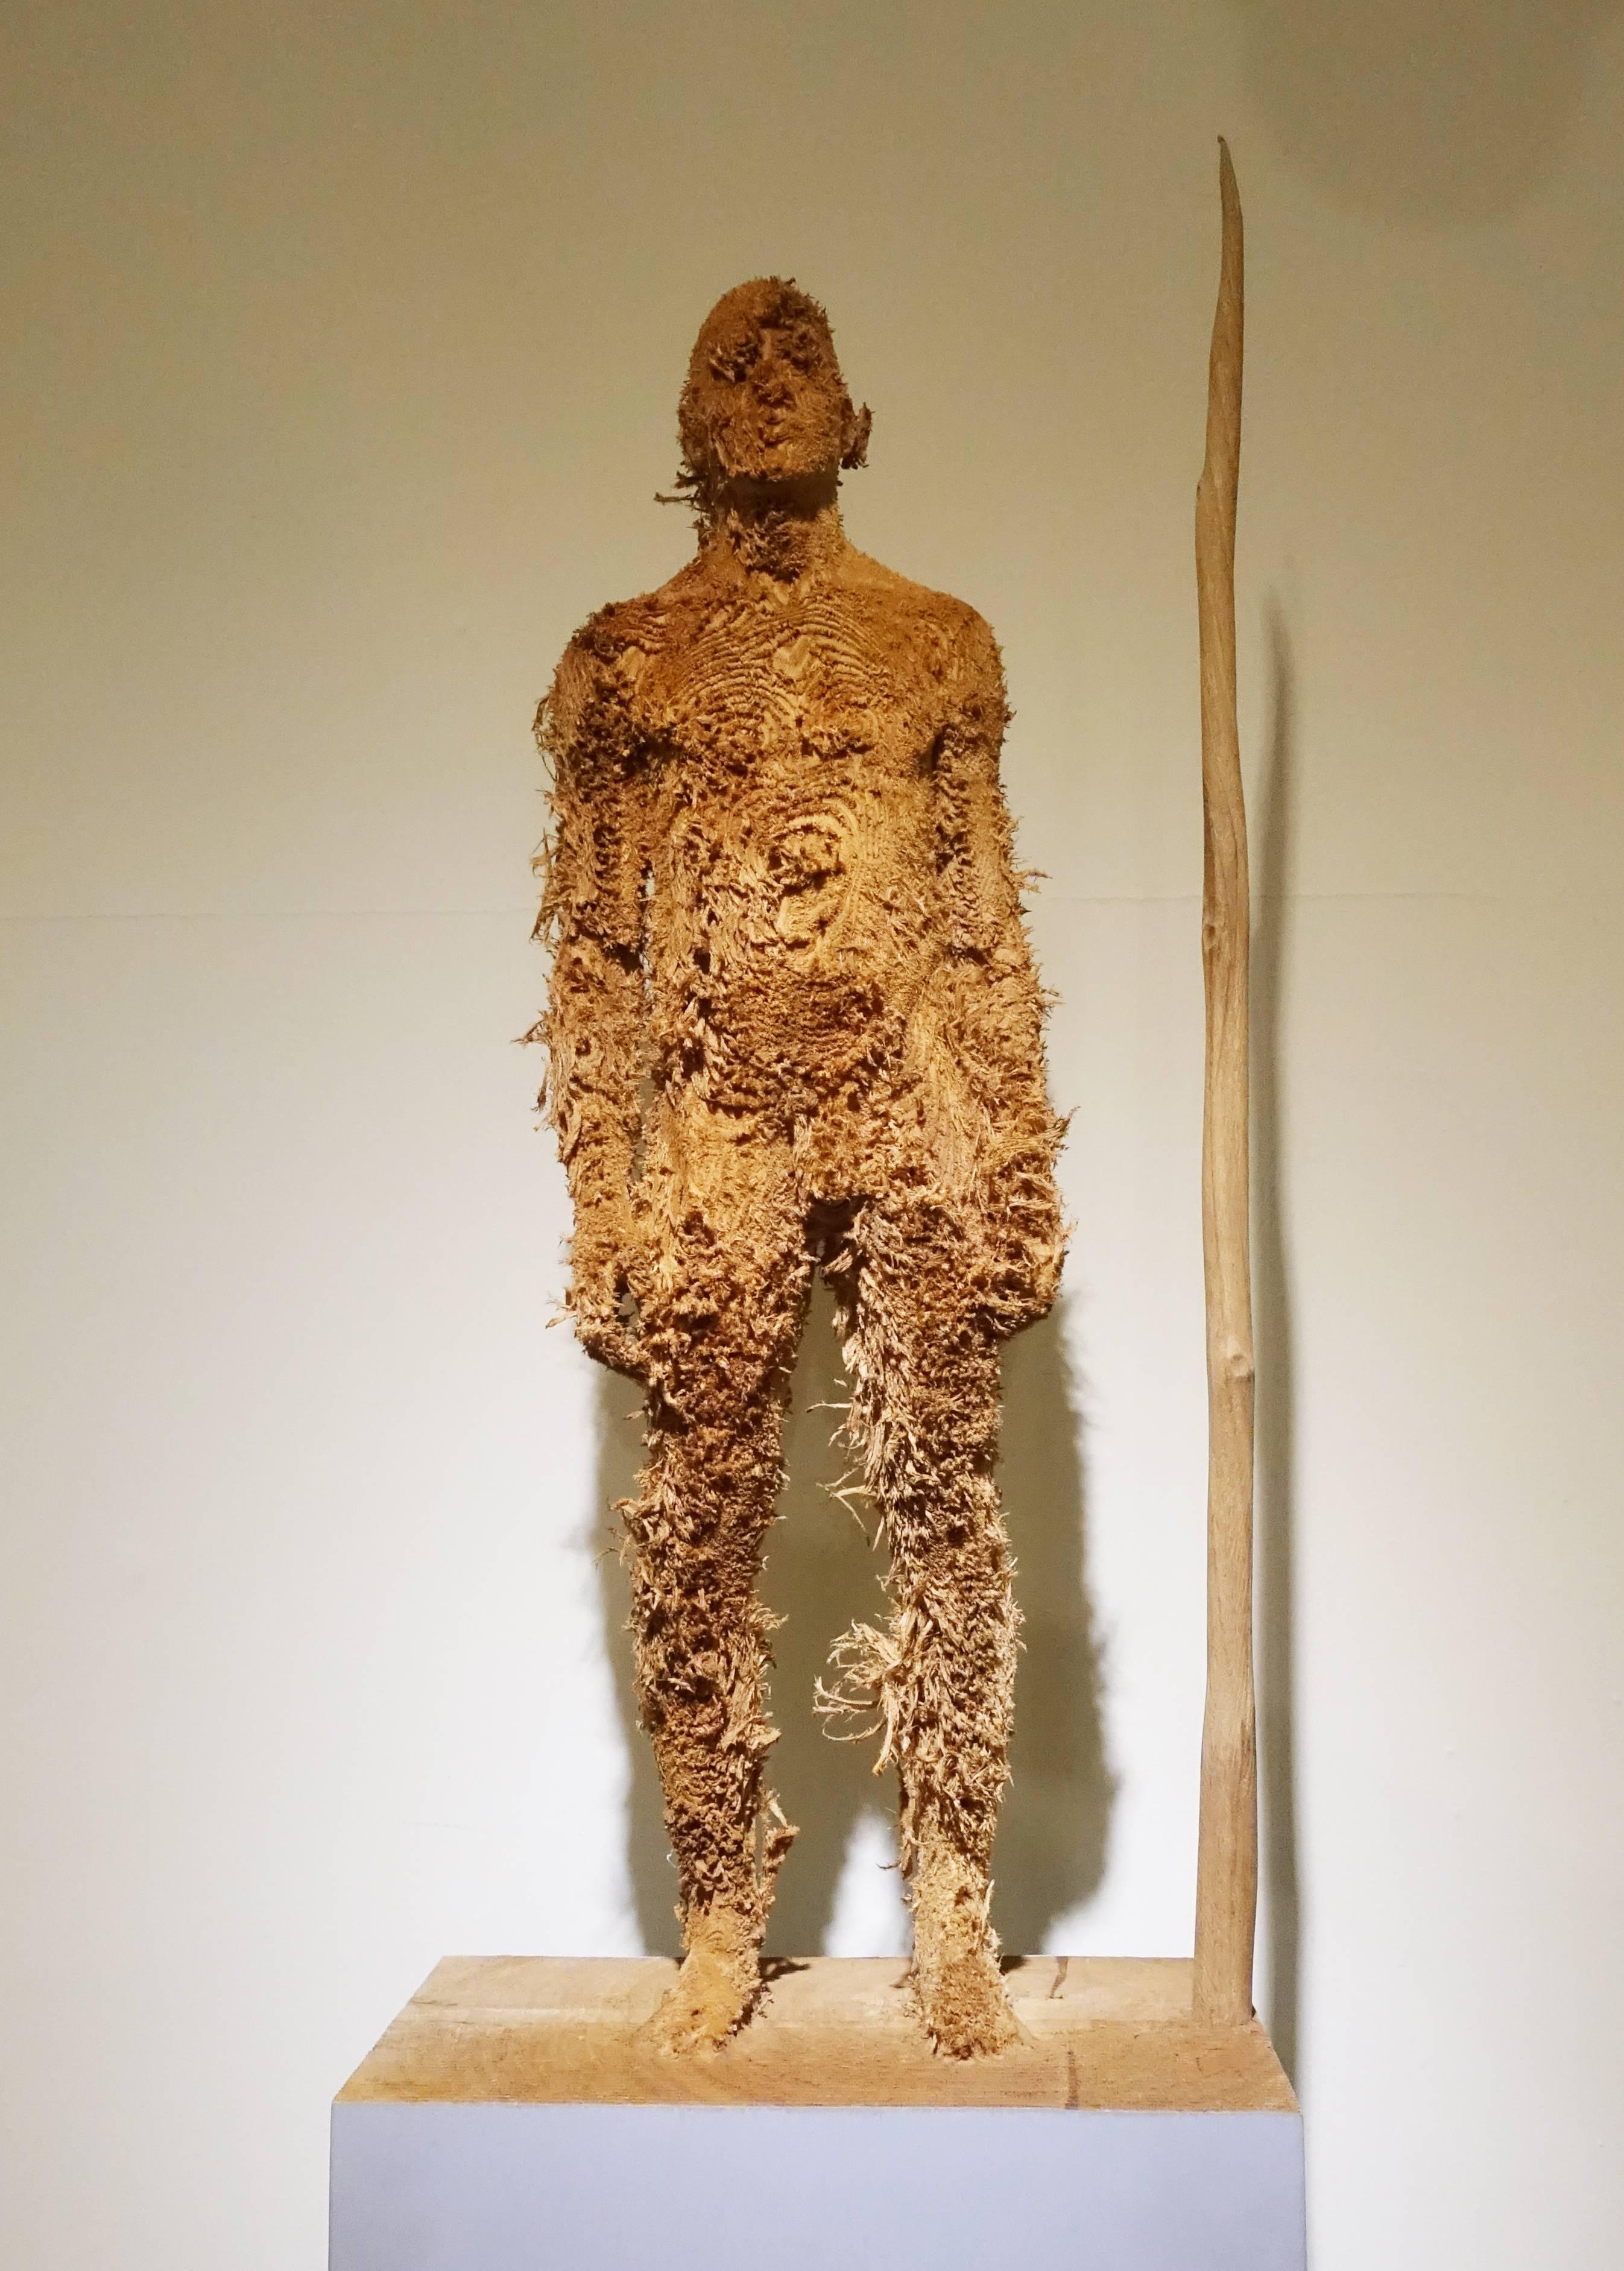 艾倫.德梅茲,《Seansons Between》,63 x 23 x 15 cm ,Nutwood堅果木,2012。